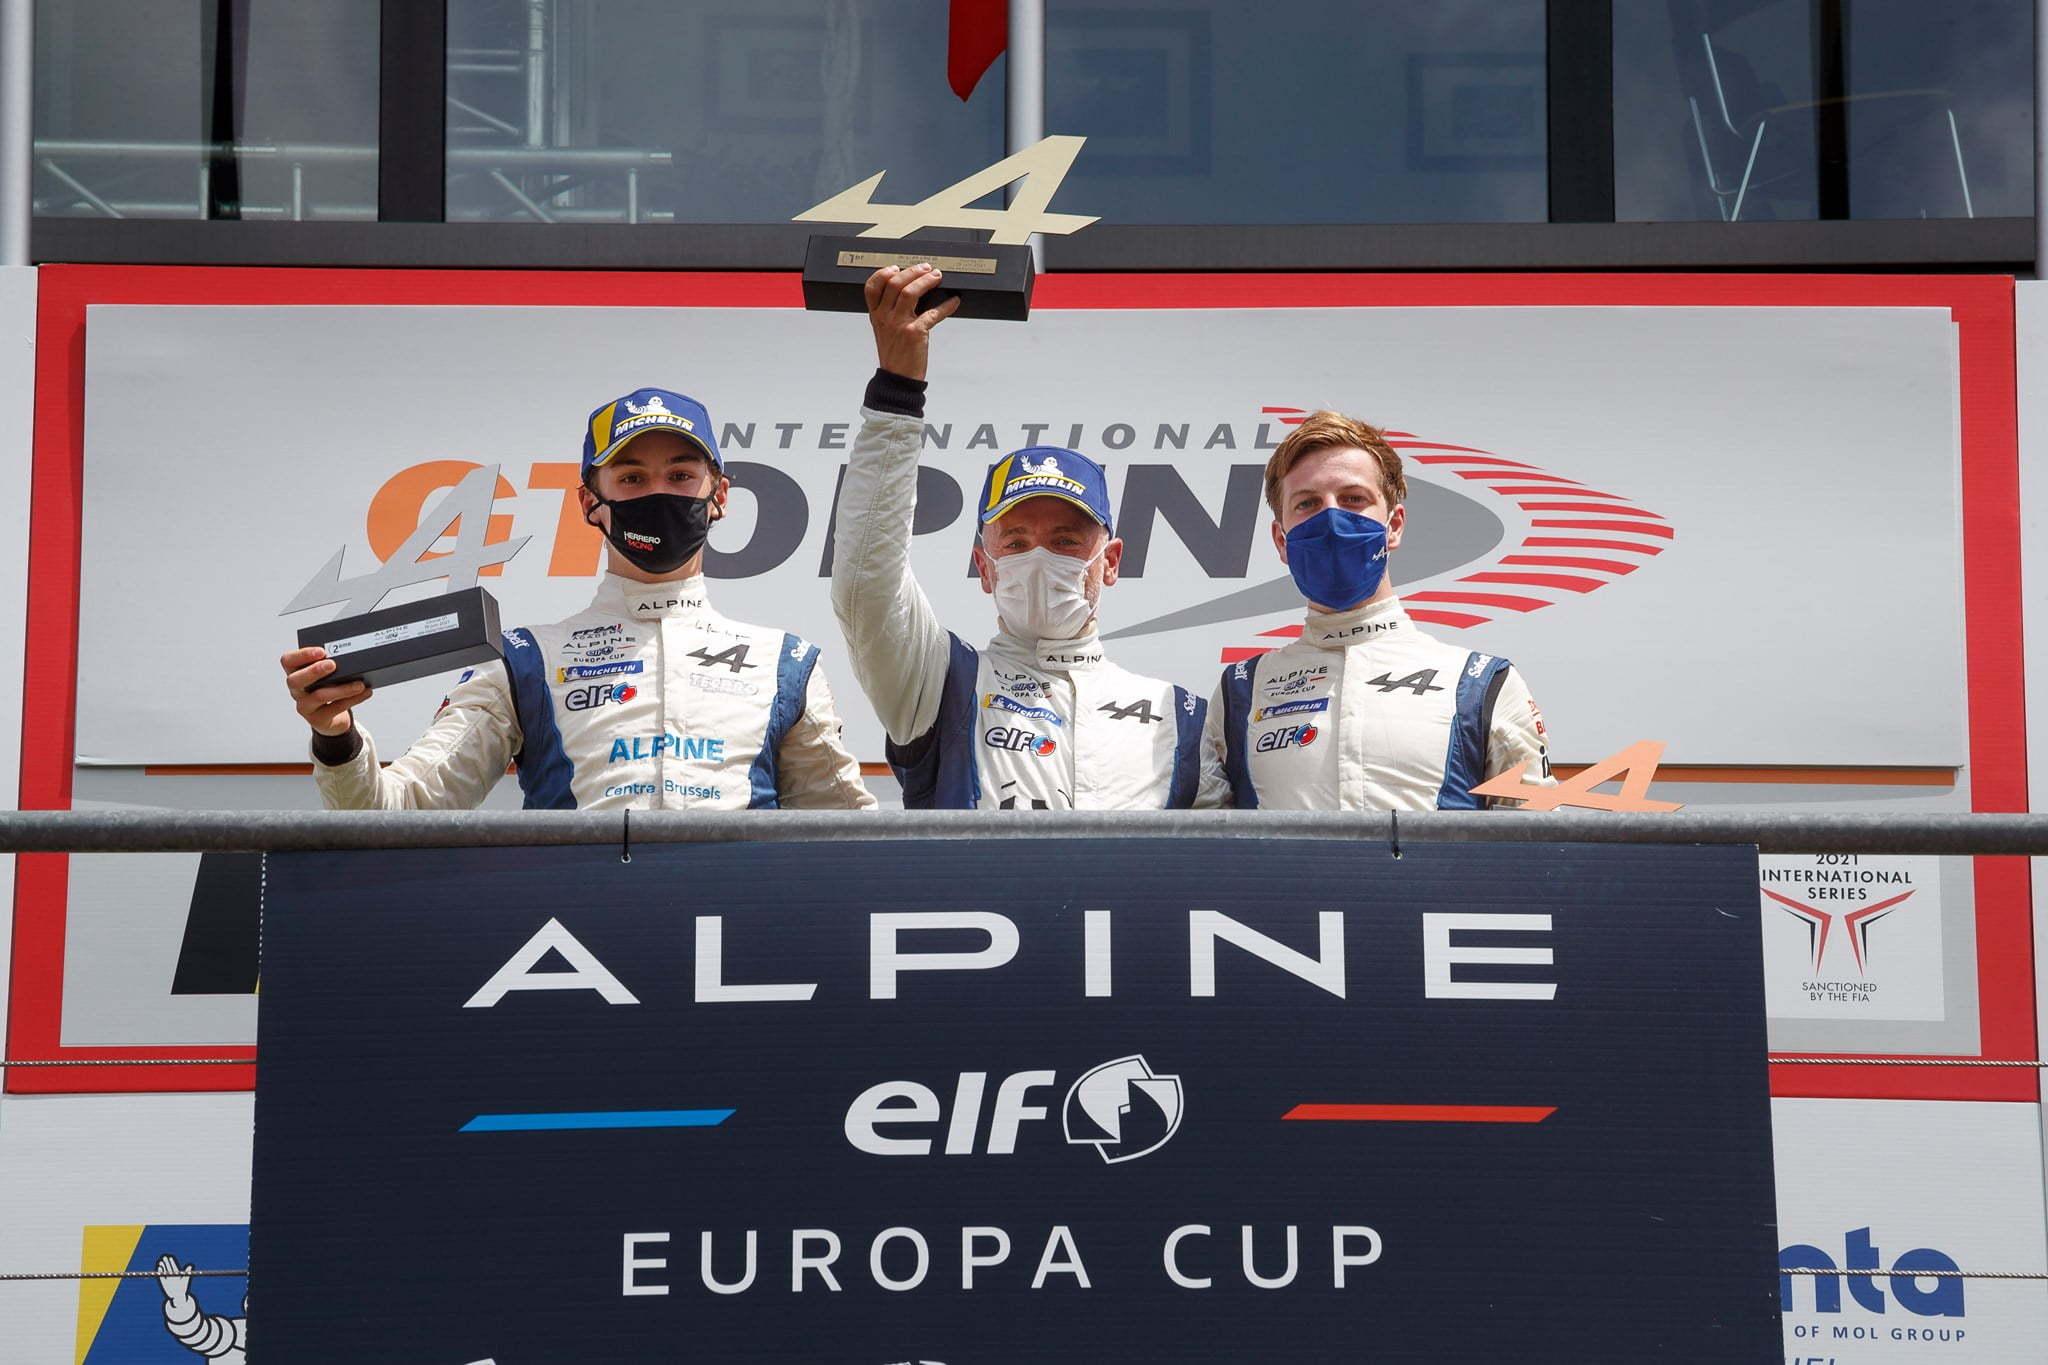 Alpine Elf Europa Cup Spa Francorchamps 2021 7 | Alpine Elf Europa Cup 2021 : Laurent Hurgon et Dani clos victorieux à Spa-Francorchamps